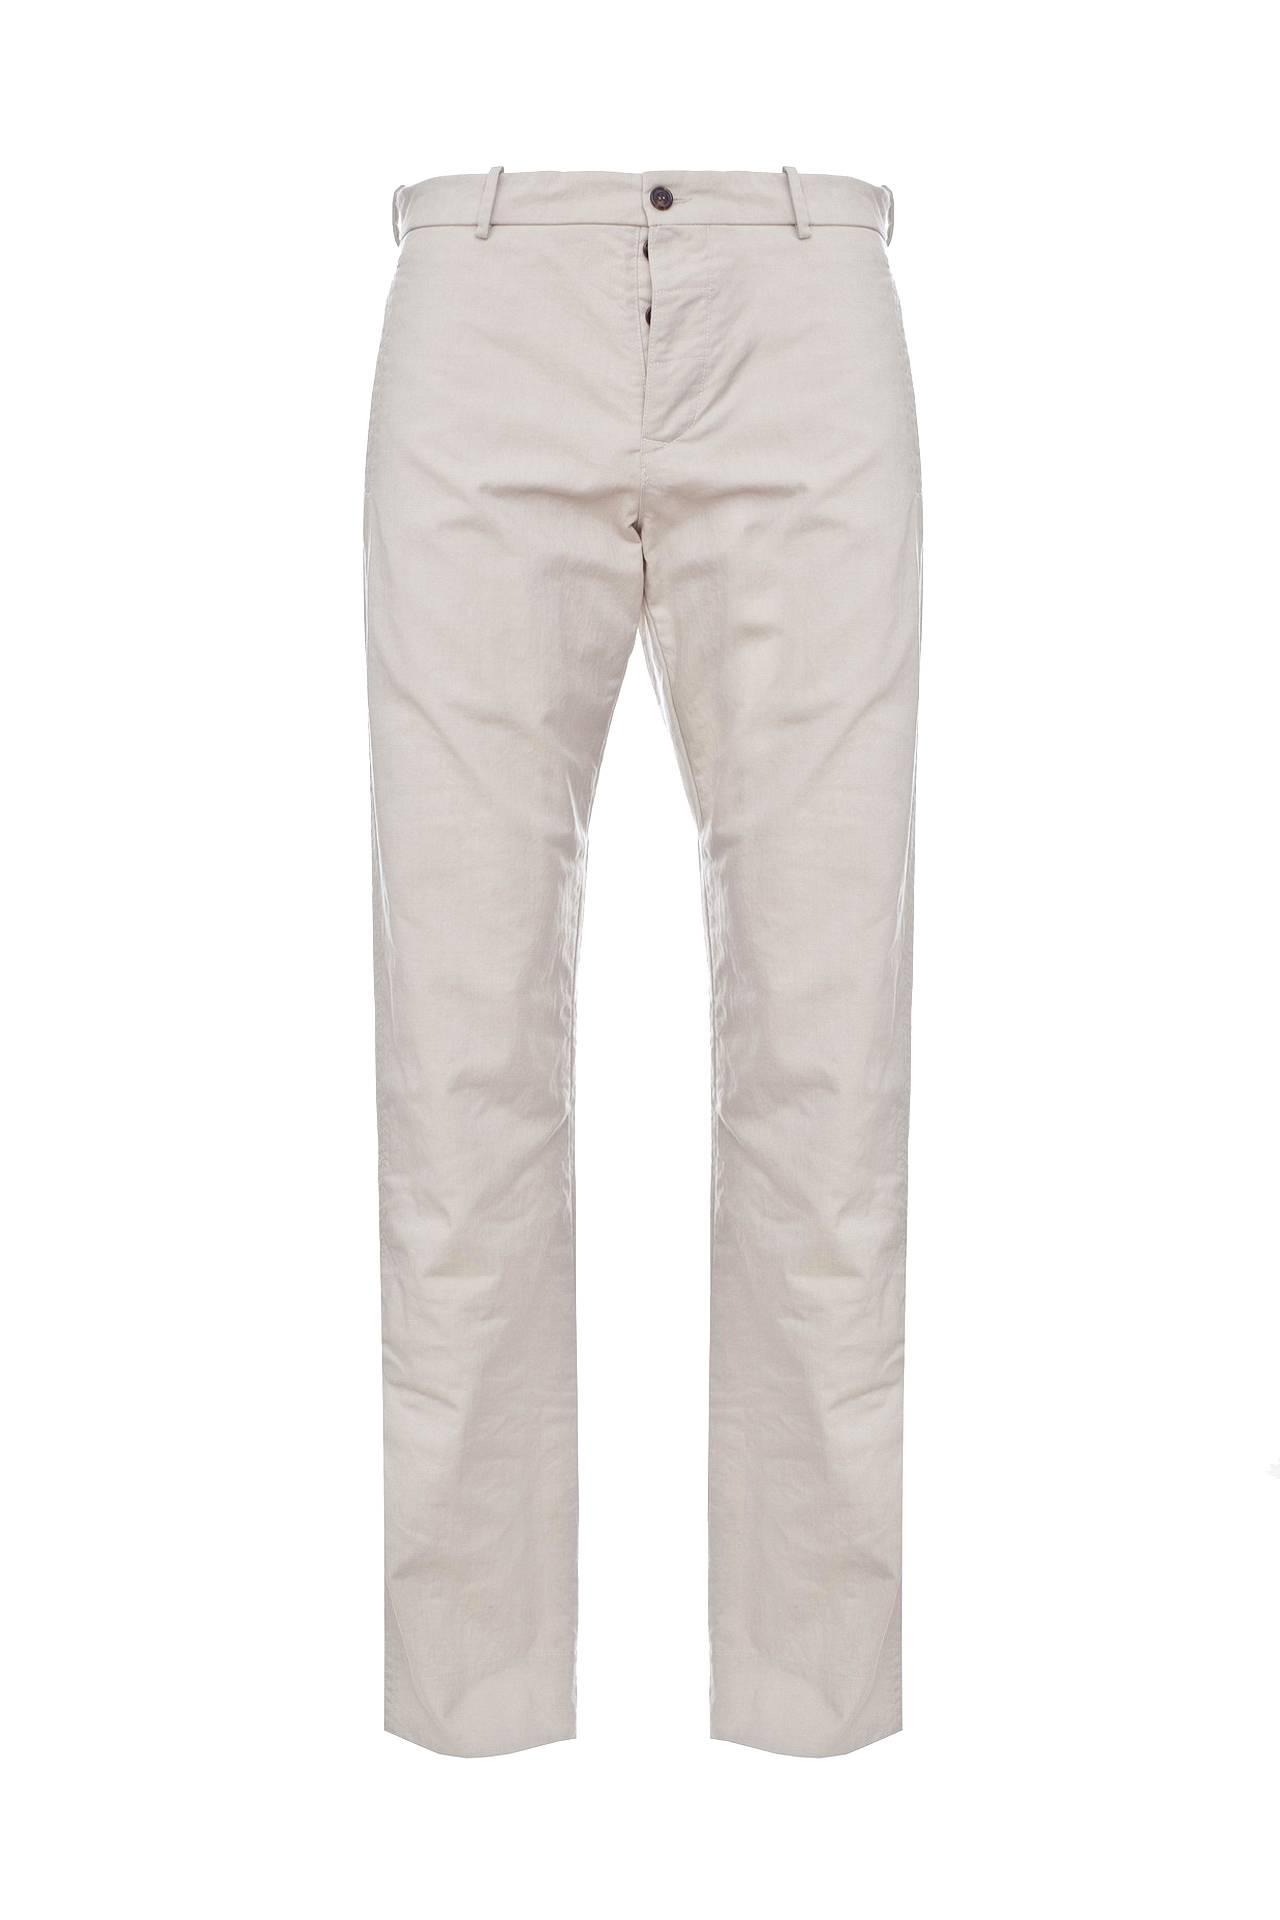 Брюки MARNI playboy playboyjeans джинсы мужские slim leisure water wash прямые брюки молодежные корейские мужские брюки pb5114219 19 темные синие 34